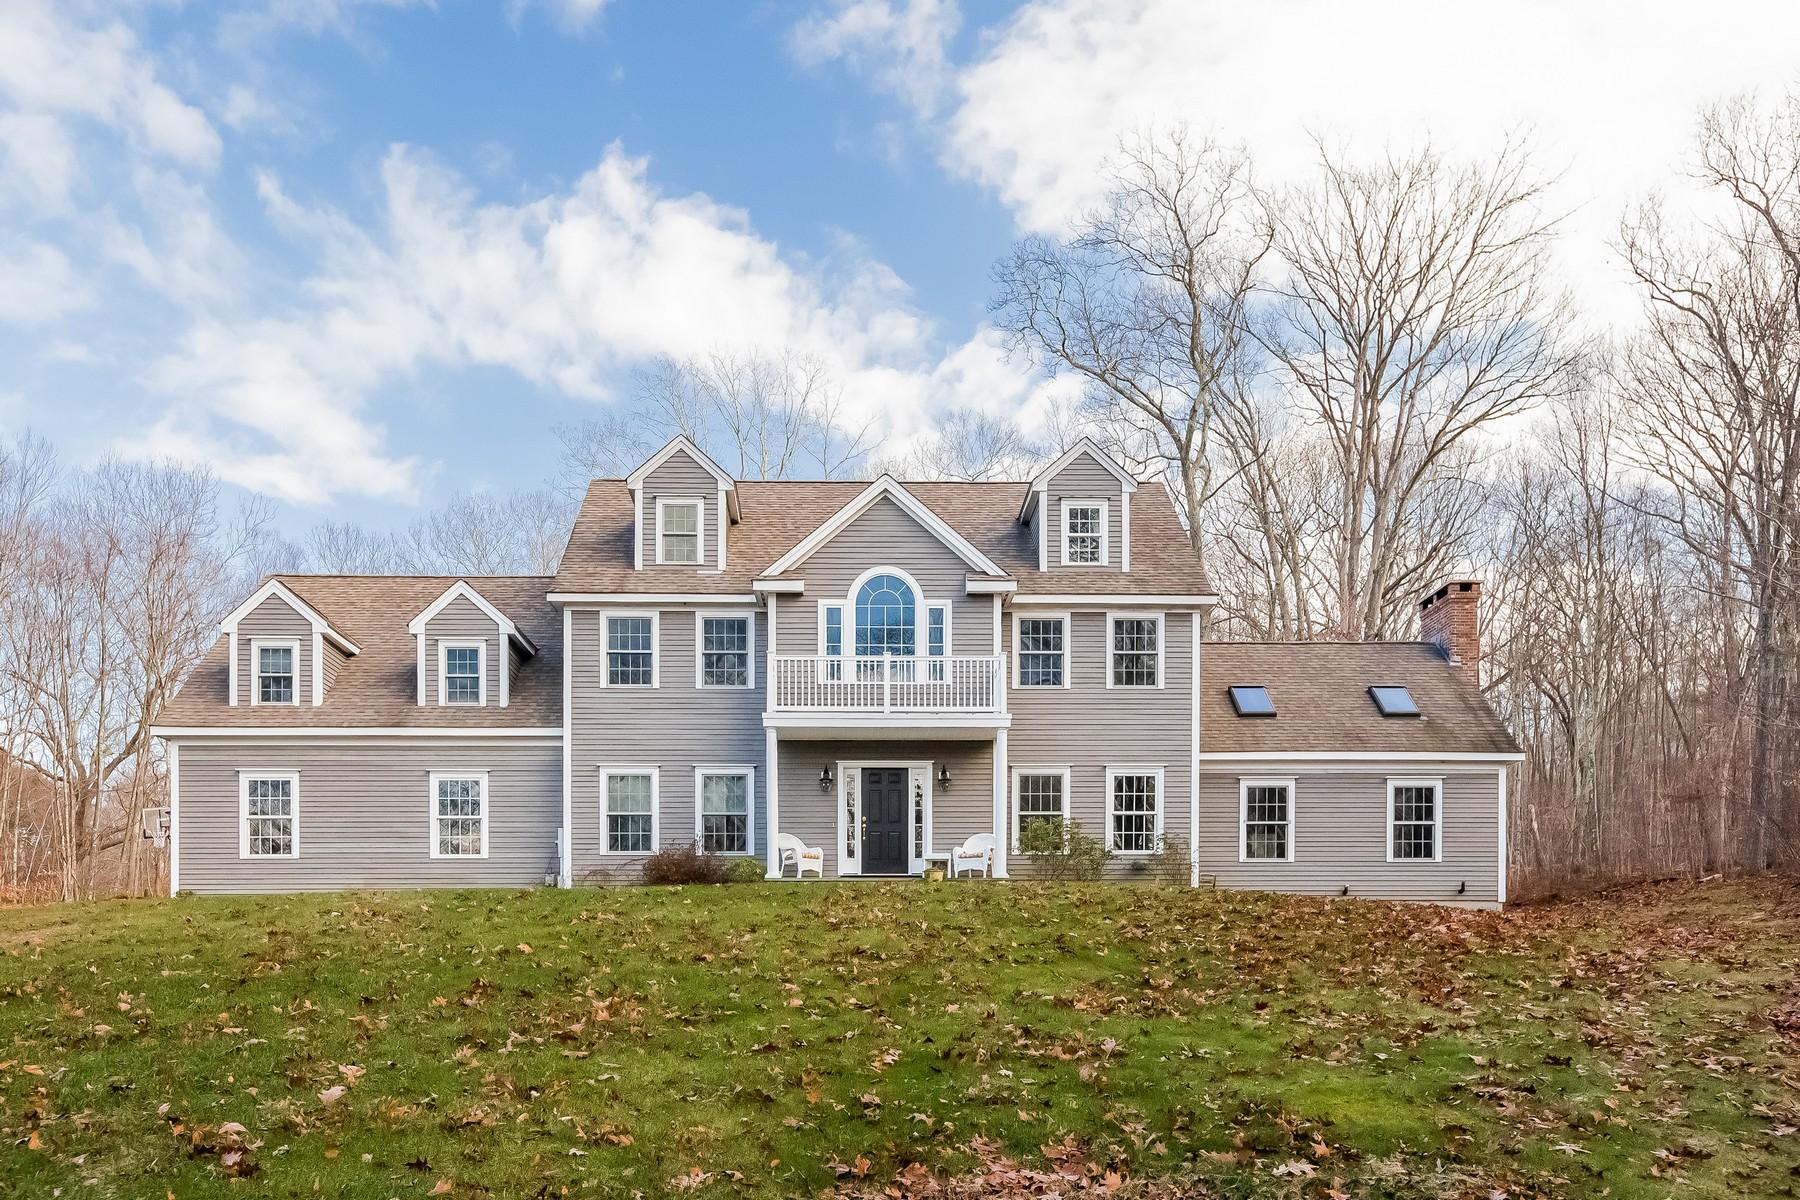 Casa Unifamiliar por un Venta en Spacious Colonial Home 381 Hamburg Road Lyme, Connecticut 06371 Estados Unidos